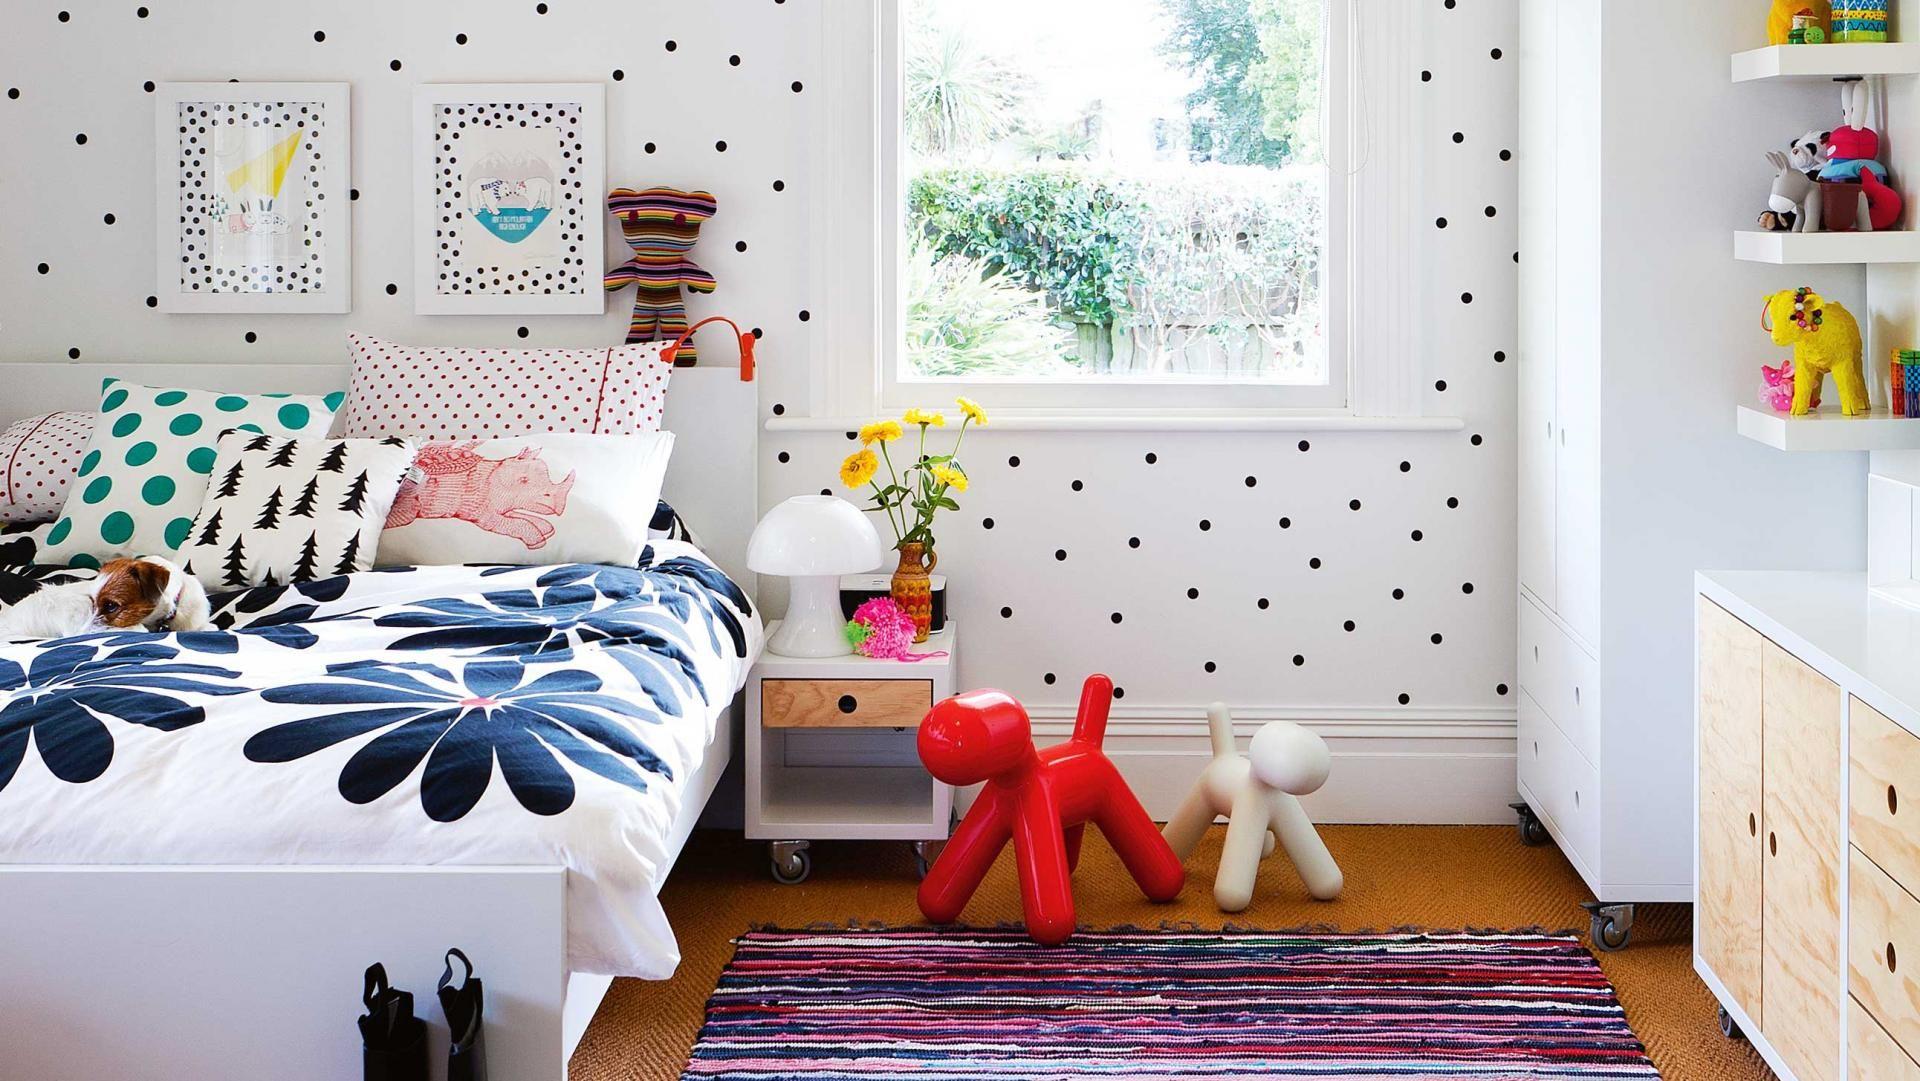 Kids Bedroom Walls 6 Fun Decorating Ideas Kids Bedroom Wall Decor Kids Room Wall Decor Kids Bedroom Walls